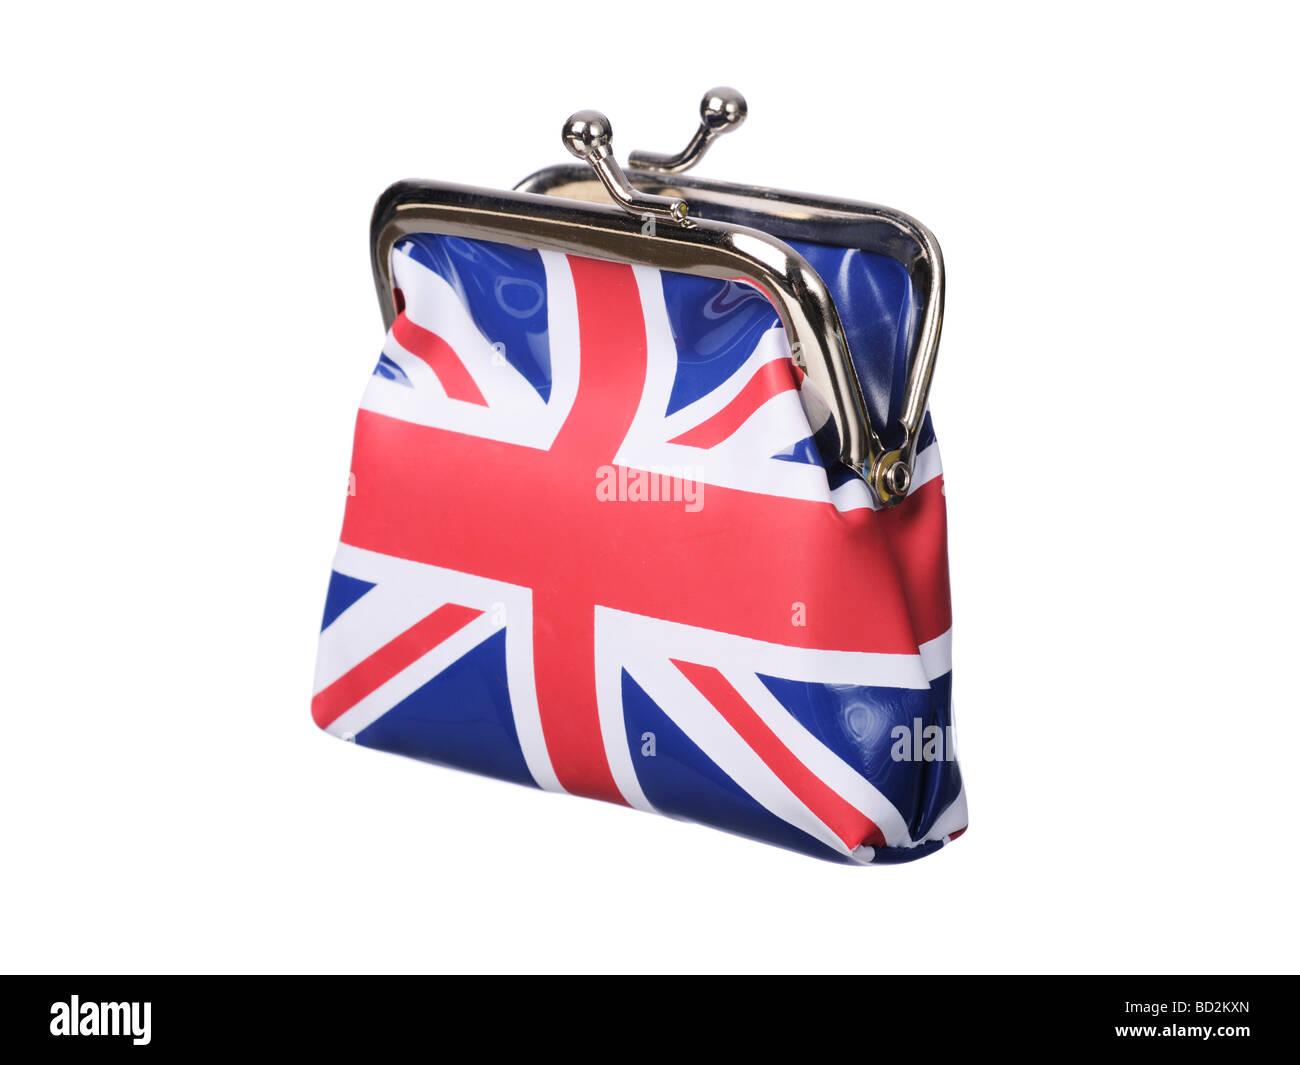 British money purse Union Jack flag open - Stock Image